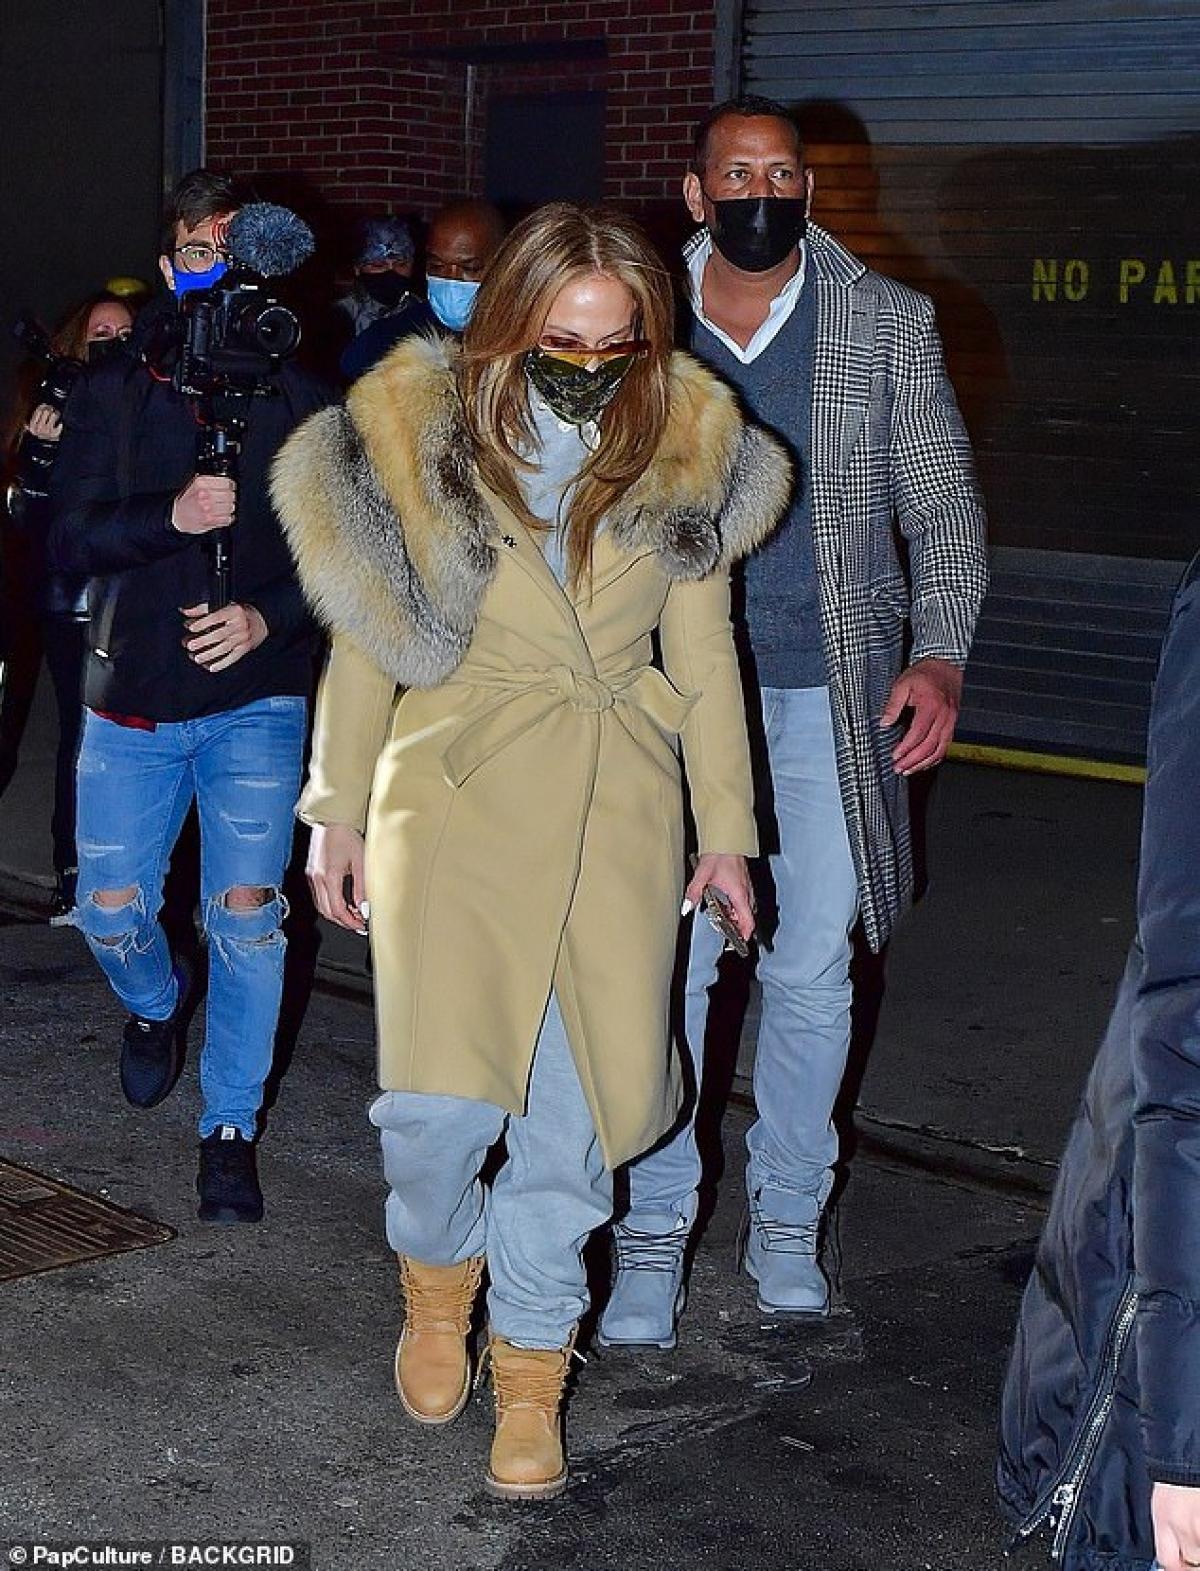 2020 có lẽ là một năm biến động với Jennifer Lopez và bạn trai khi cả hai liên tục bị hoãn đám cưới vì Covid-19.